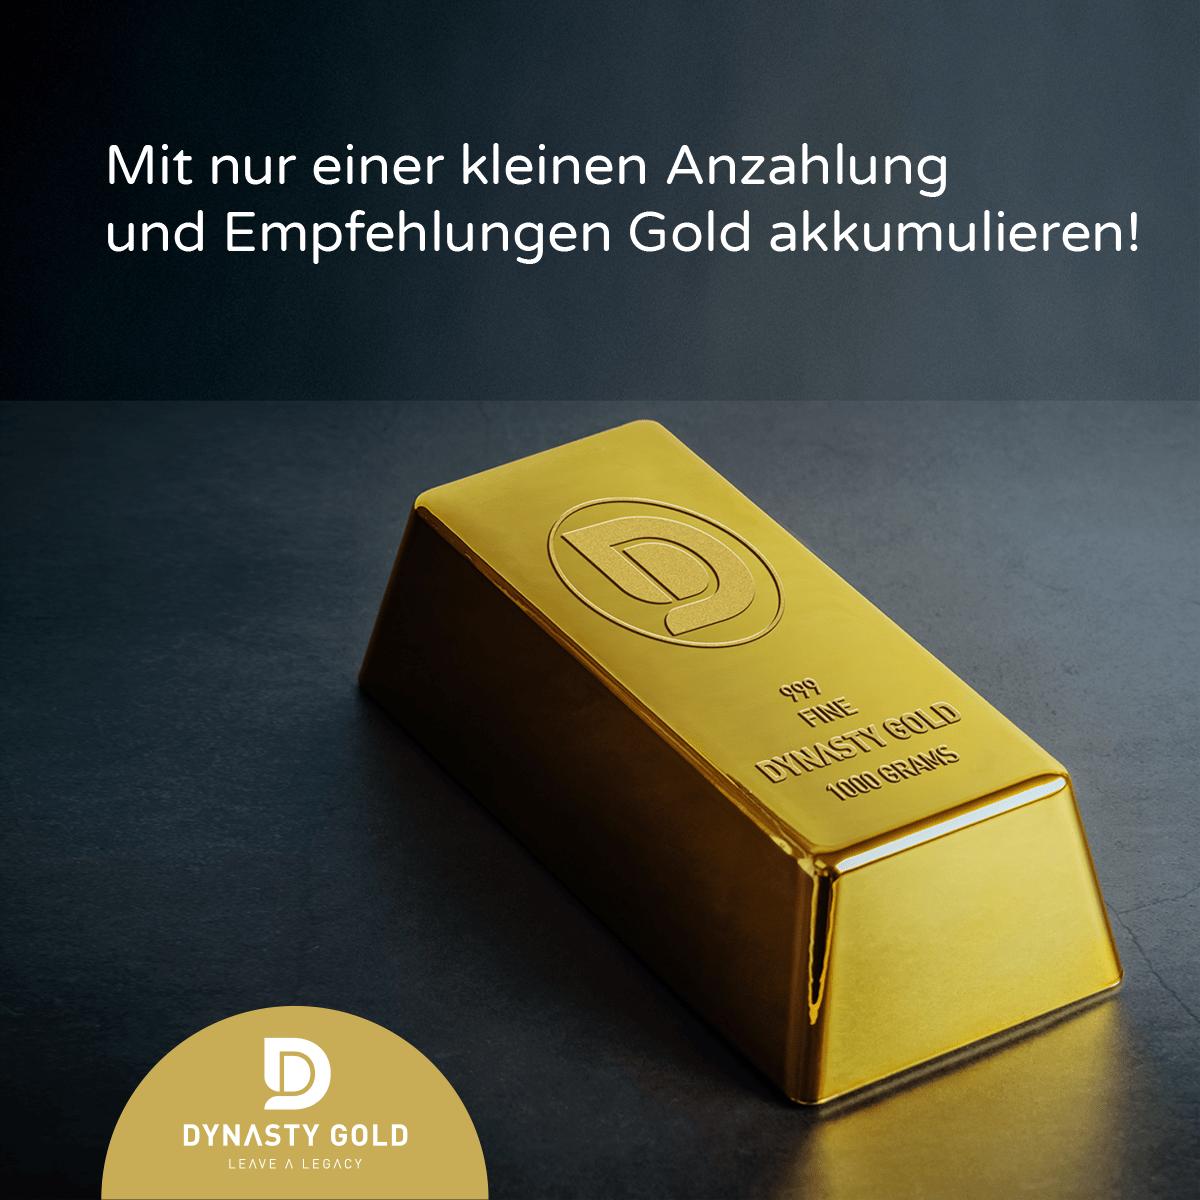 Günstig Gold kaufen bei Dynasty Gold durch Empfehlungen